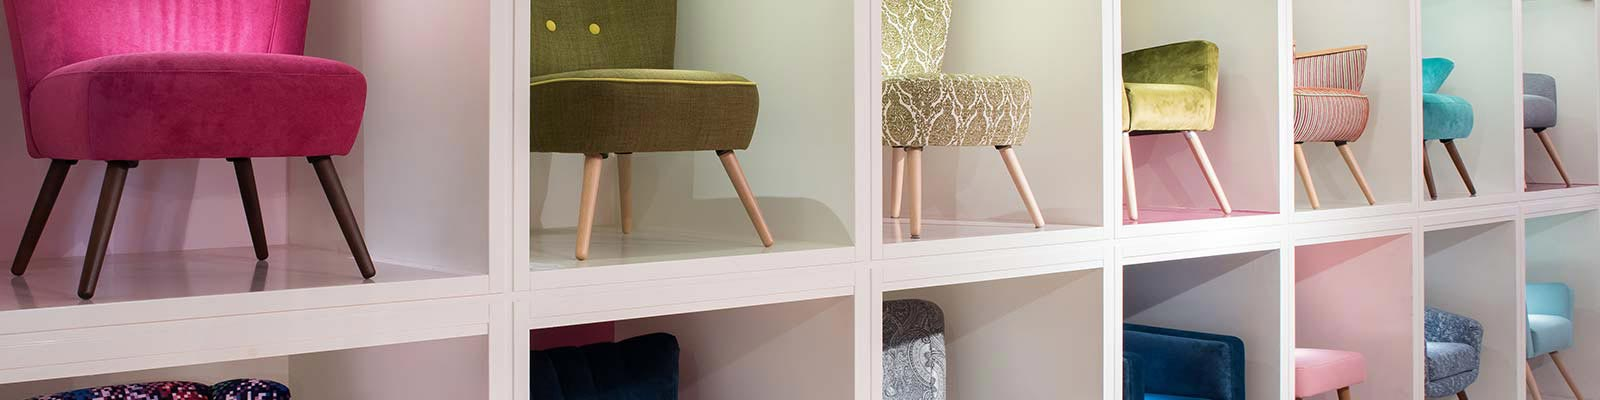 max winzer sessel, sessel von max winzer® - loungig, gemütlich, retro, elegant, Design ideen